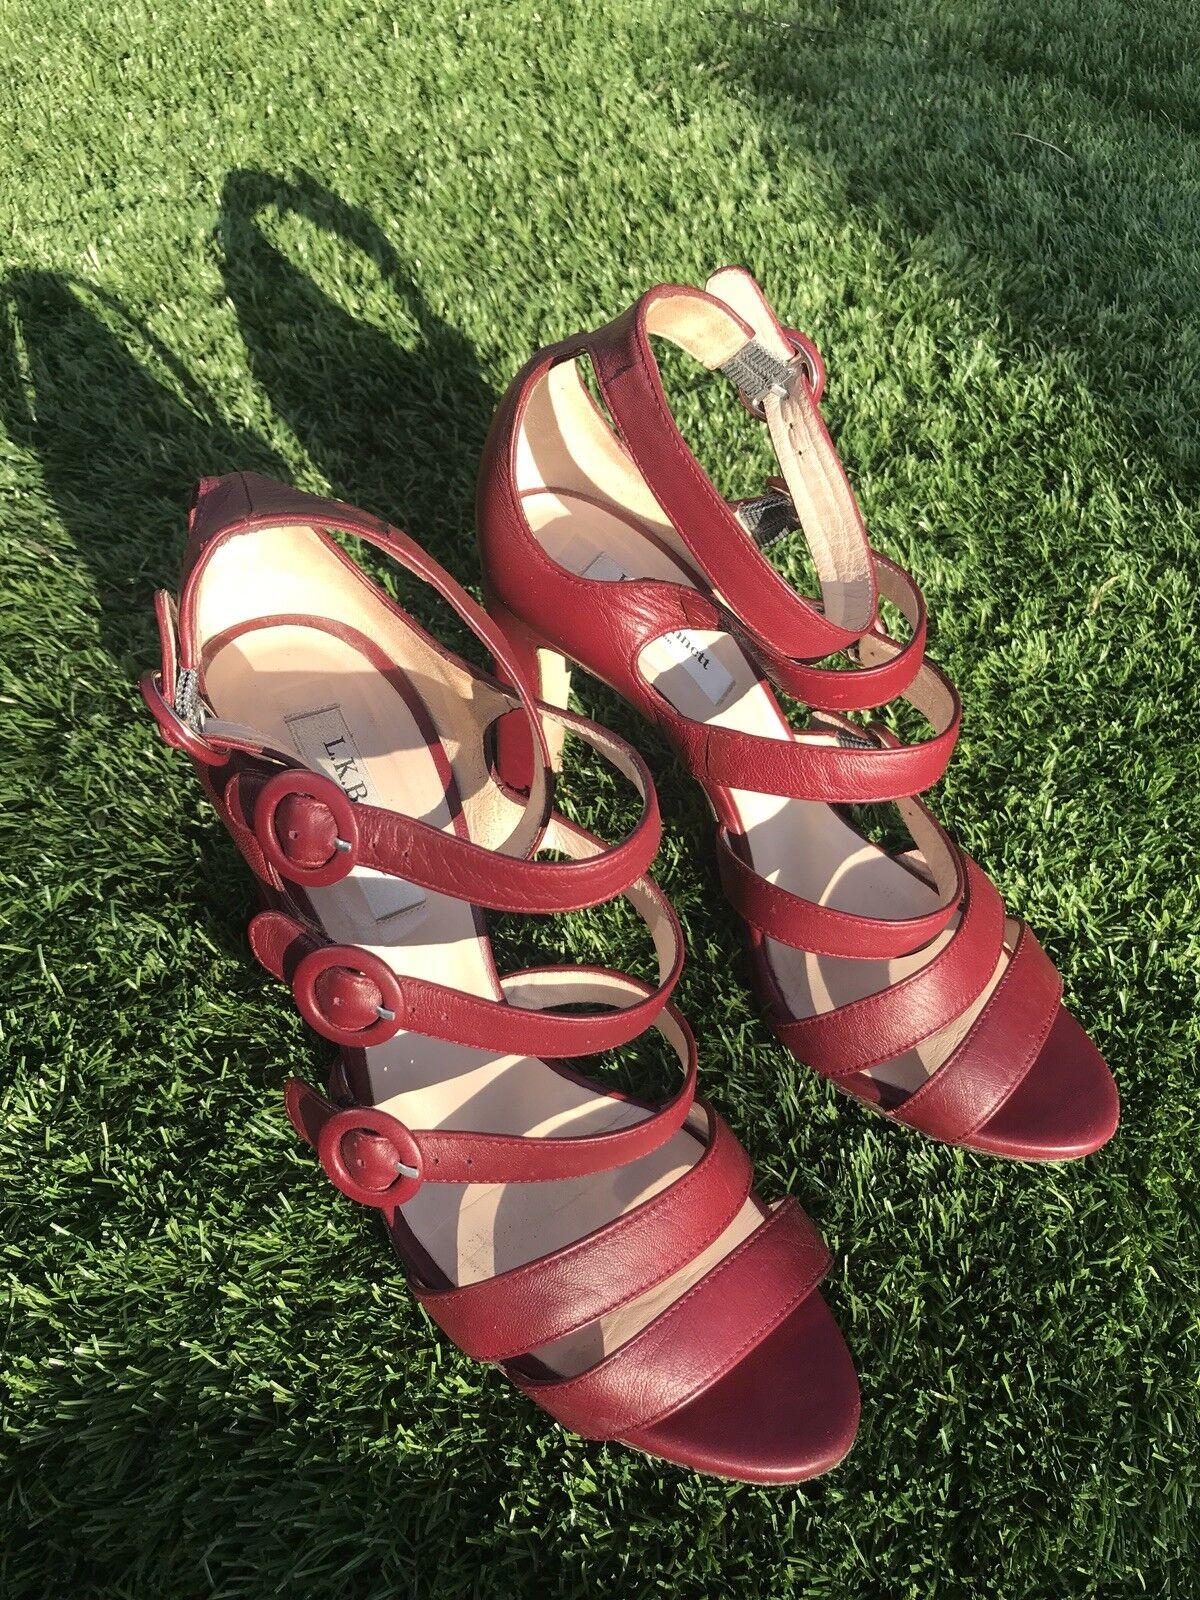 Lk bennett sandals size 6 39